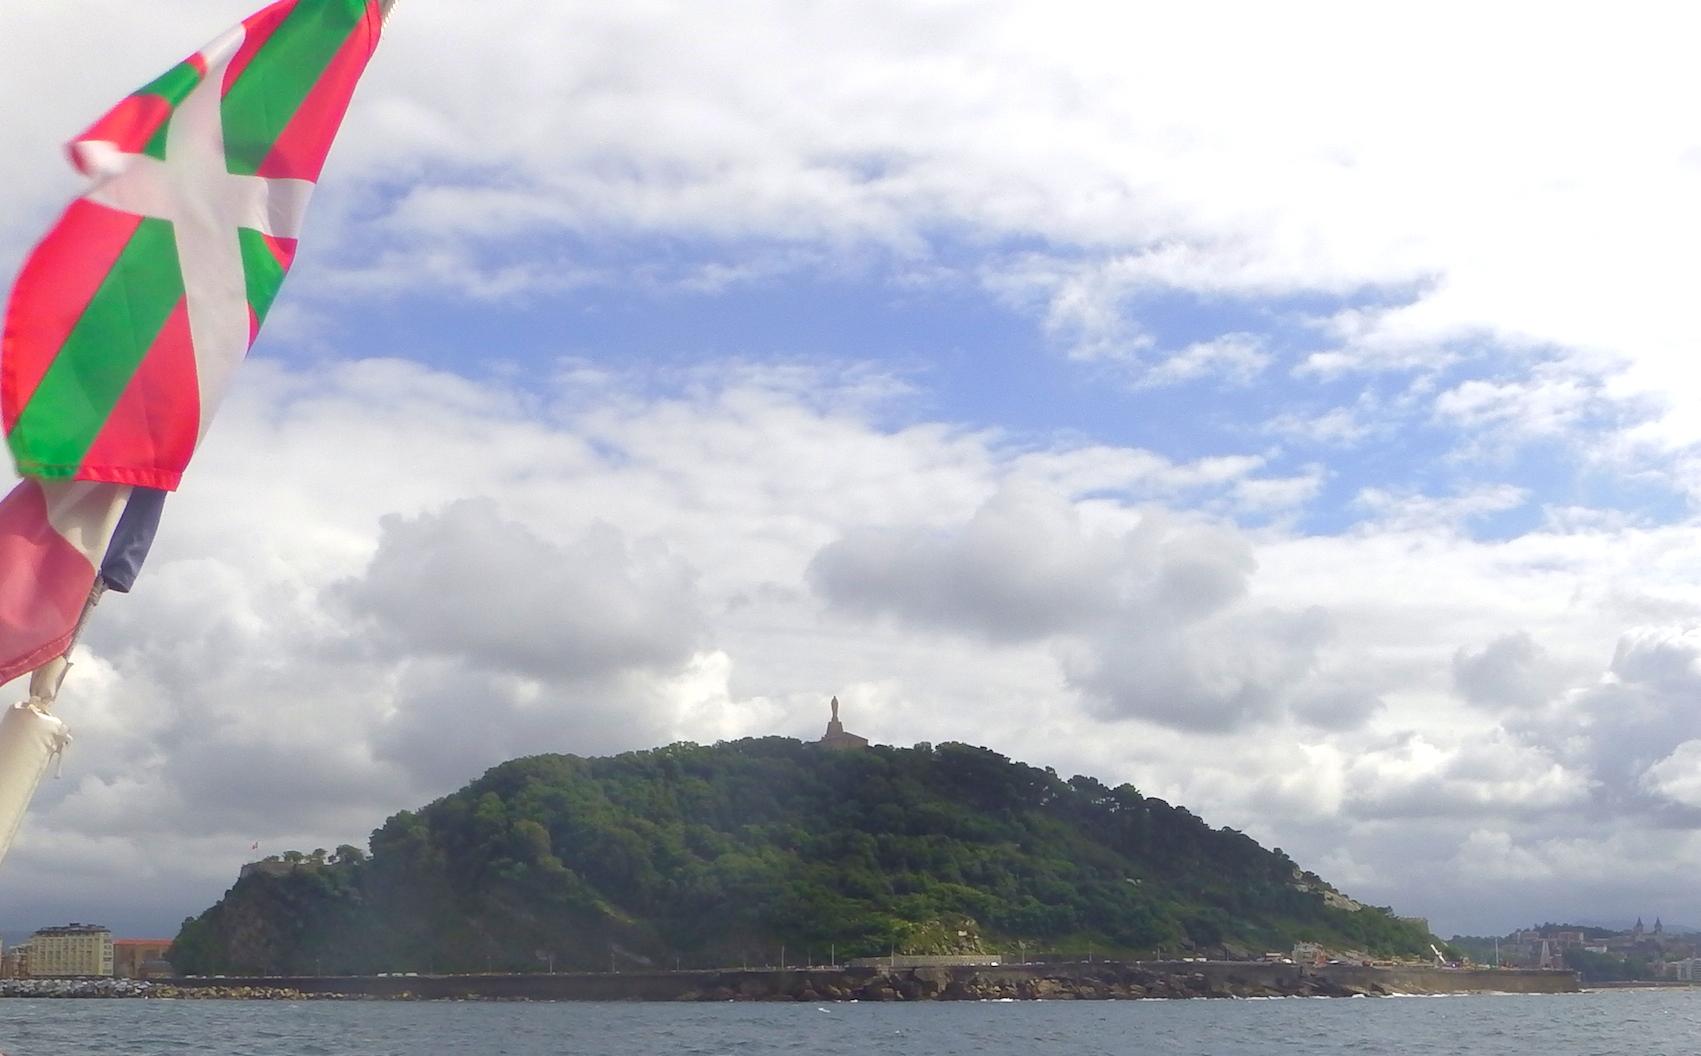 Semana-Grande-Feux-artifices-San-Sebastian-Le-cercle-evenements-agence-voyage-pays-basque-2